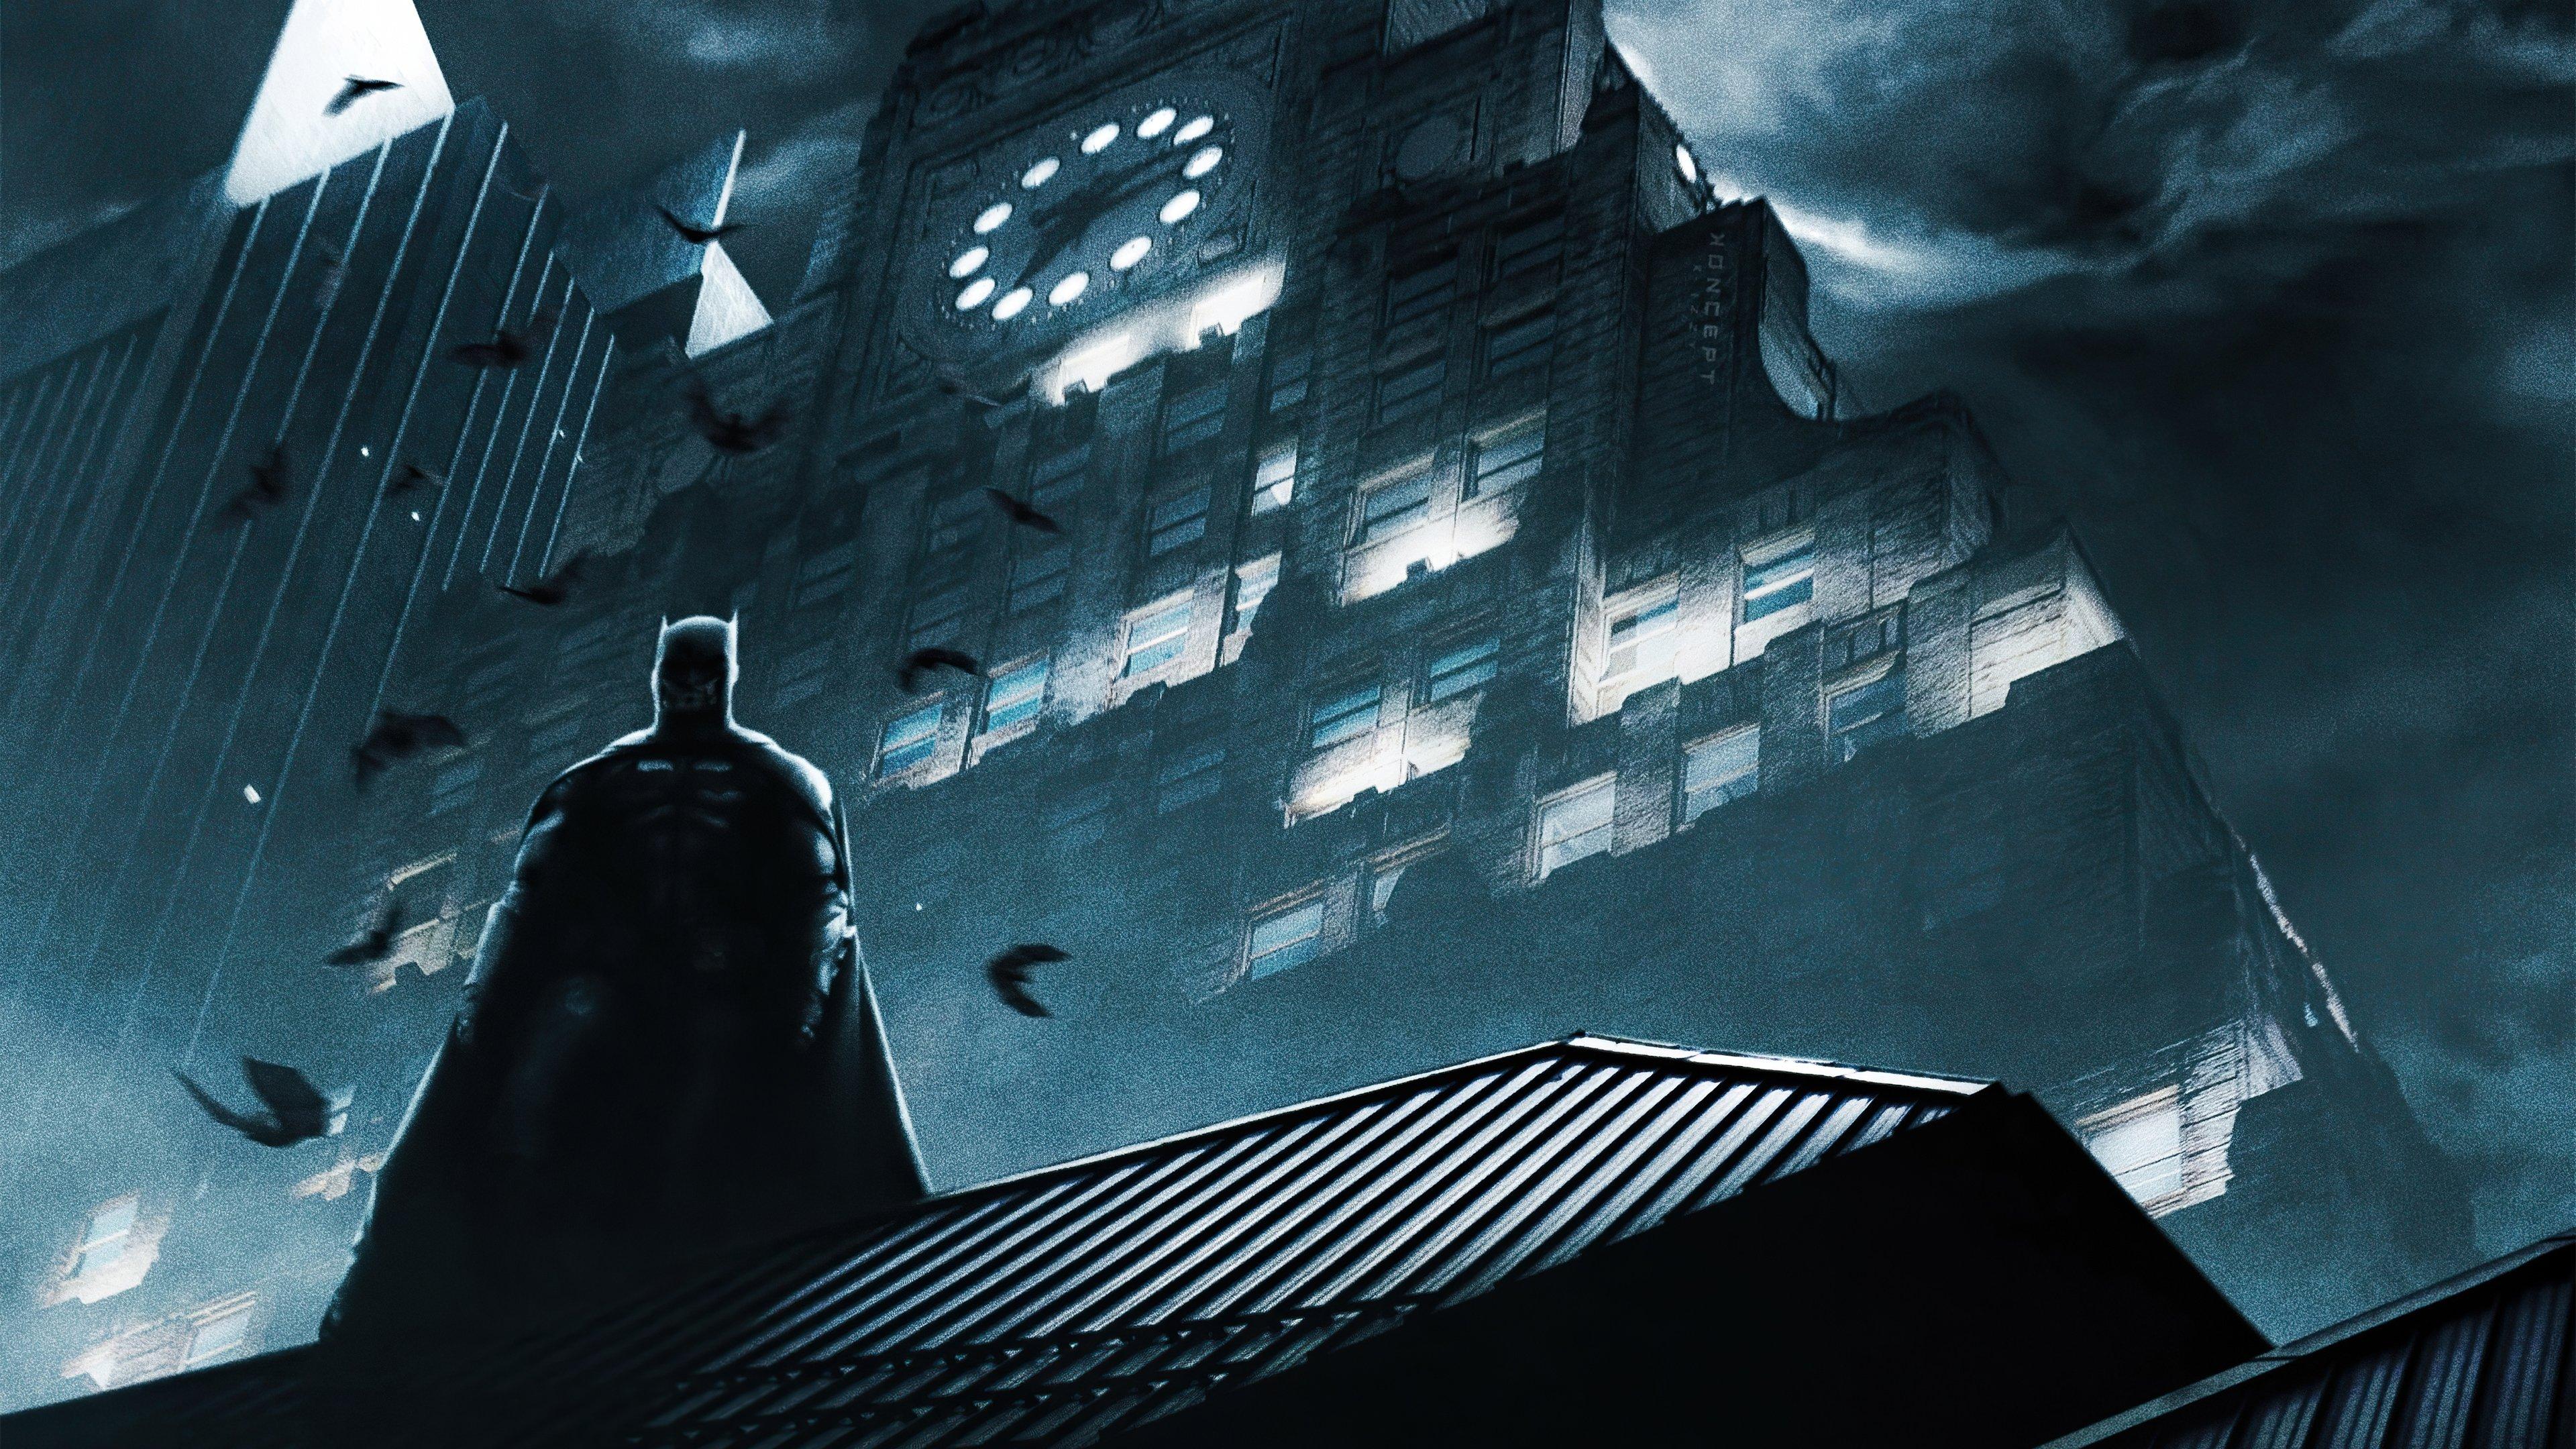 Fondos de pantalla Sombra de Batman en la lluvia